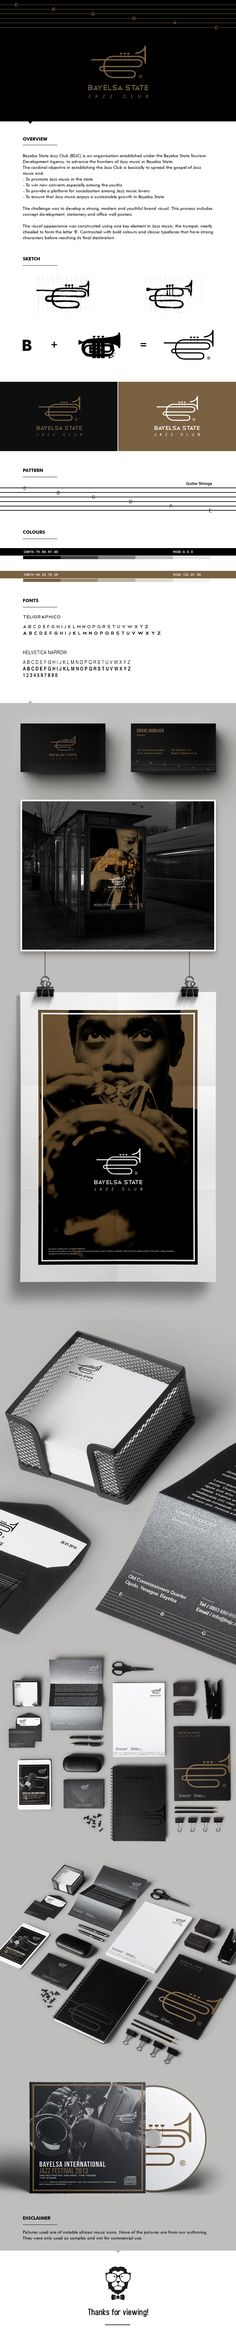 Fujin Raijin Min-Yoh Ensemble Victo Jazz Pop Jazz Music Rock//Pop